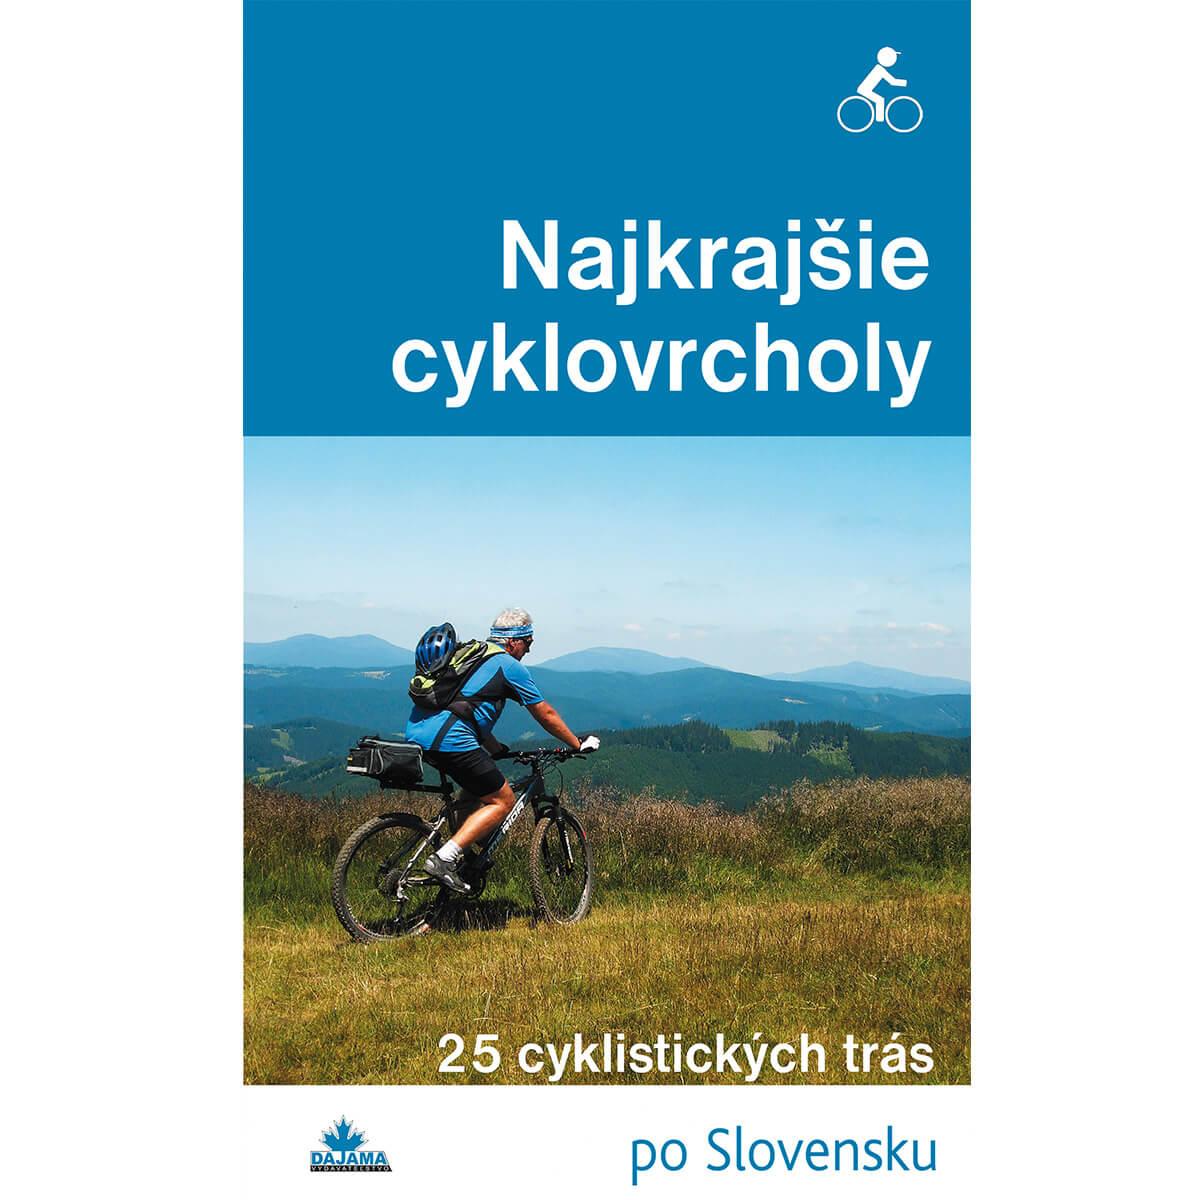 Kniha Najkrajšie cyklovrcholy - 25 cyklistických trás po Slovensku z vydavateľstva Dajama